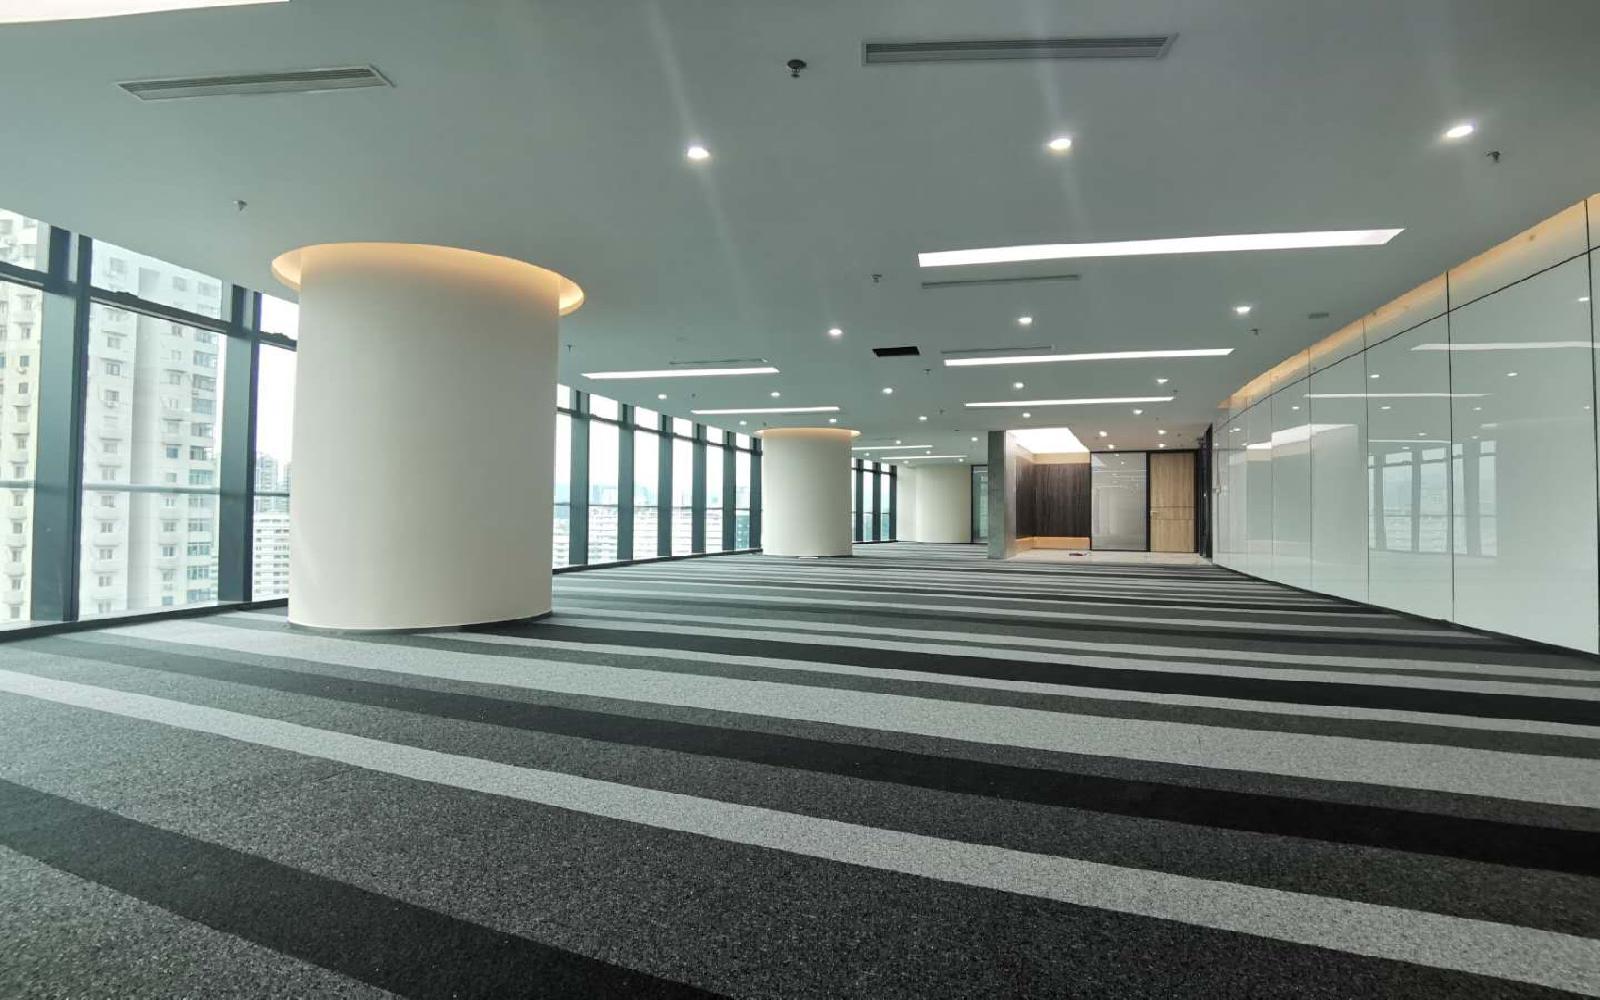 福田-景田 新世界文博中心 986m²